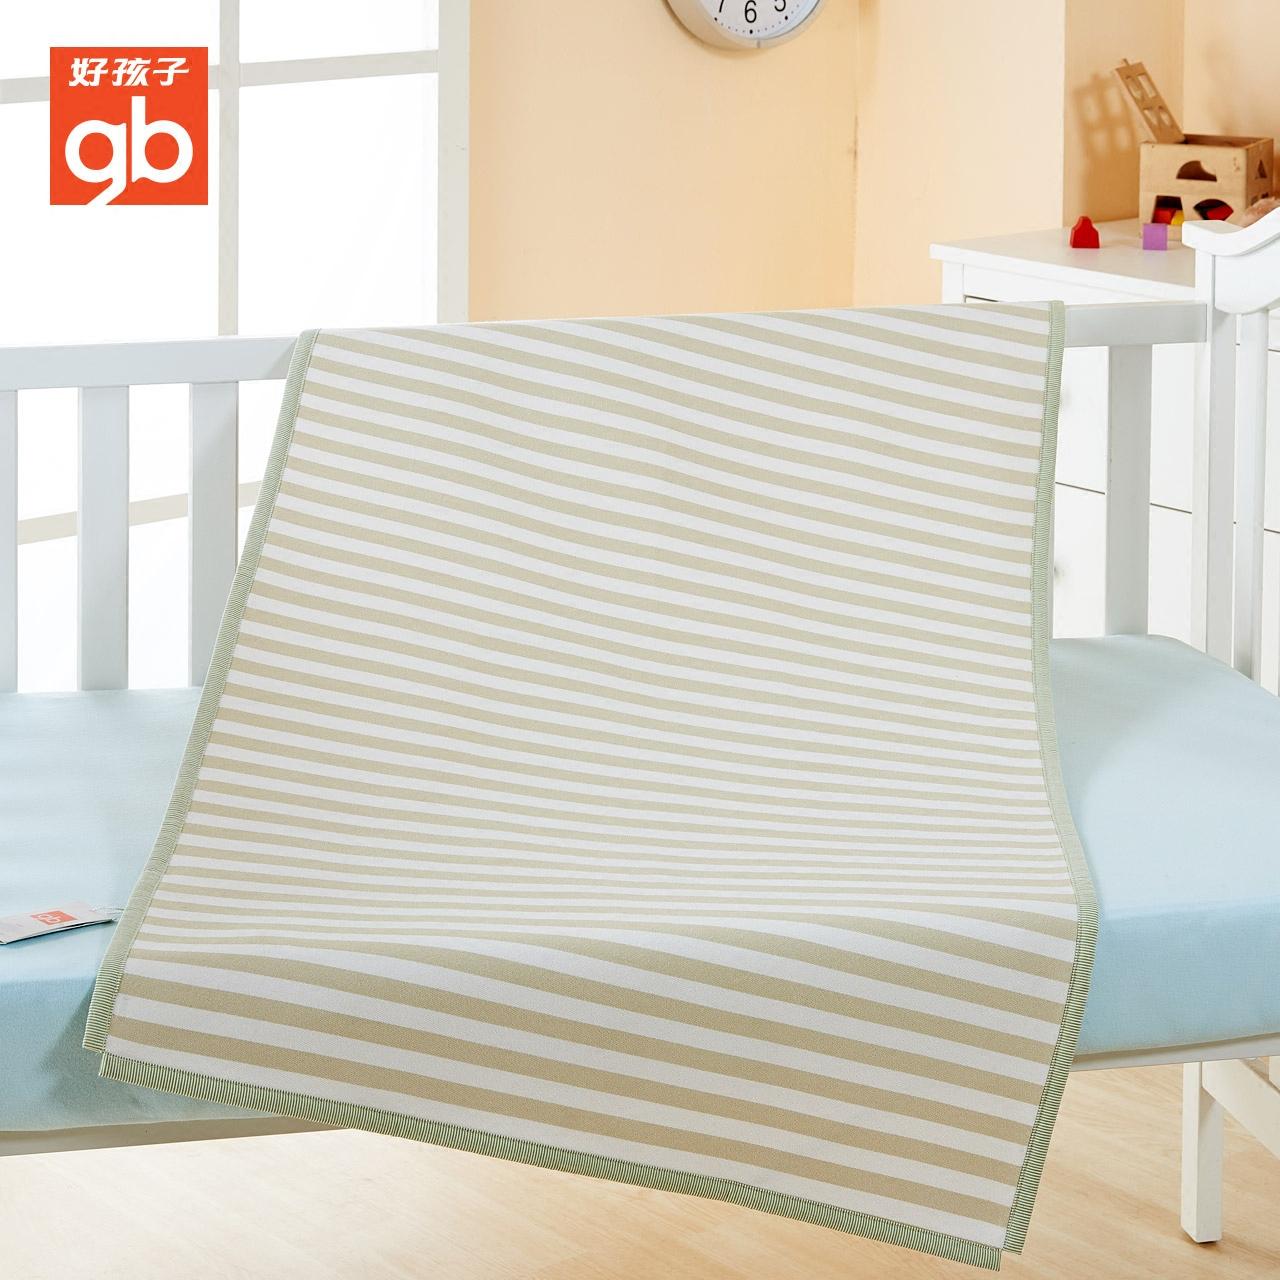 好孩子嬰兒涼席 兒童涼席坐墊幼兒園嬰兒床涼席夏新生兒寶寶席子